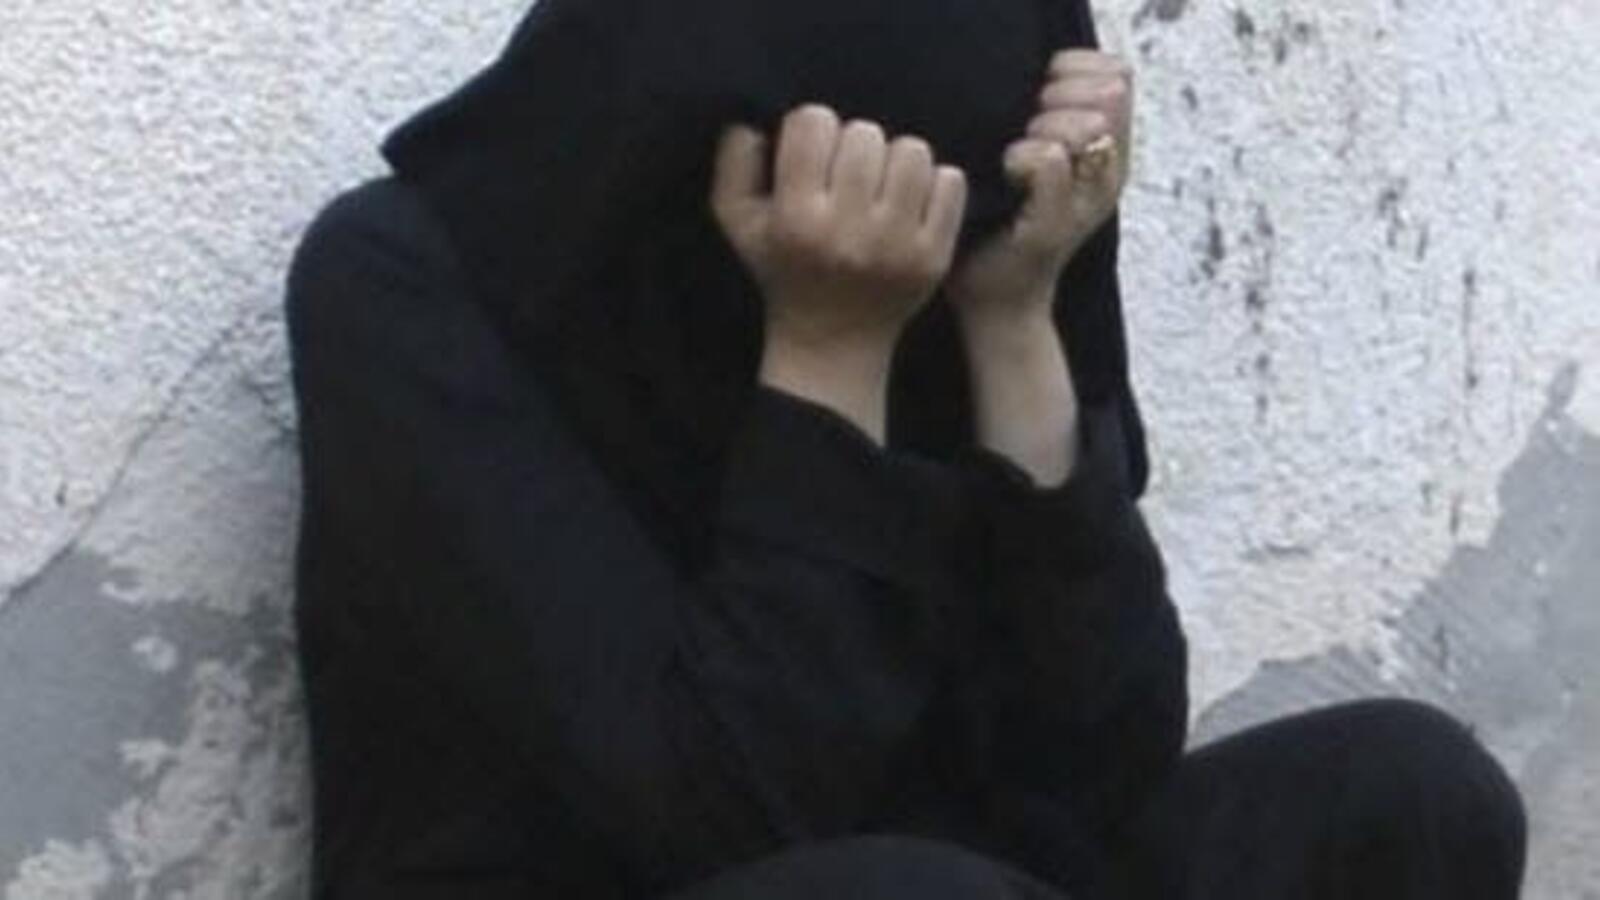 اغتصب والدته.. عناصر الشرطة القضائية بالناظور تلقي القبض على عشريني بحي ترقاع